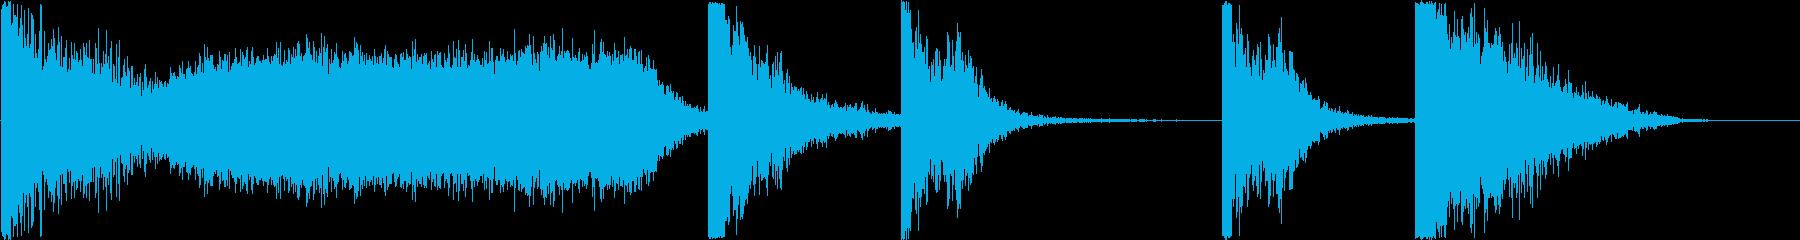 シンプルなトレーラー / 28秒の再生済みの波形